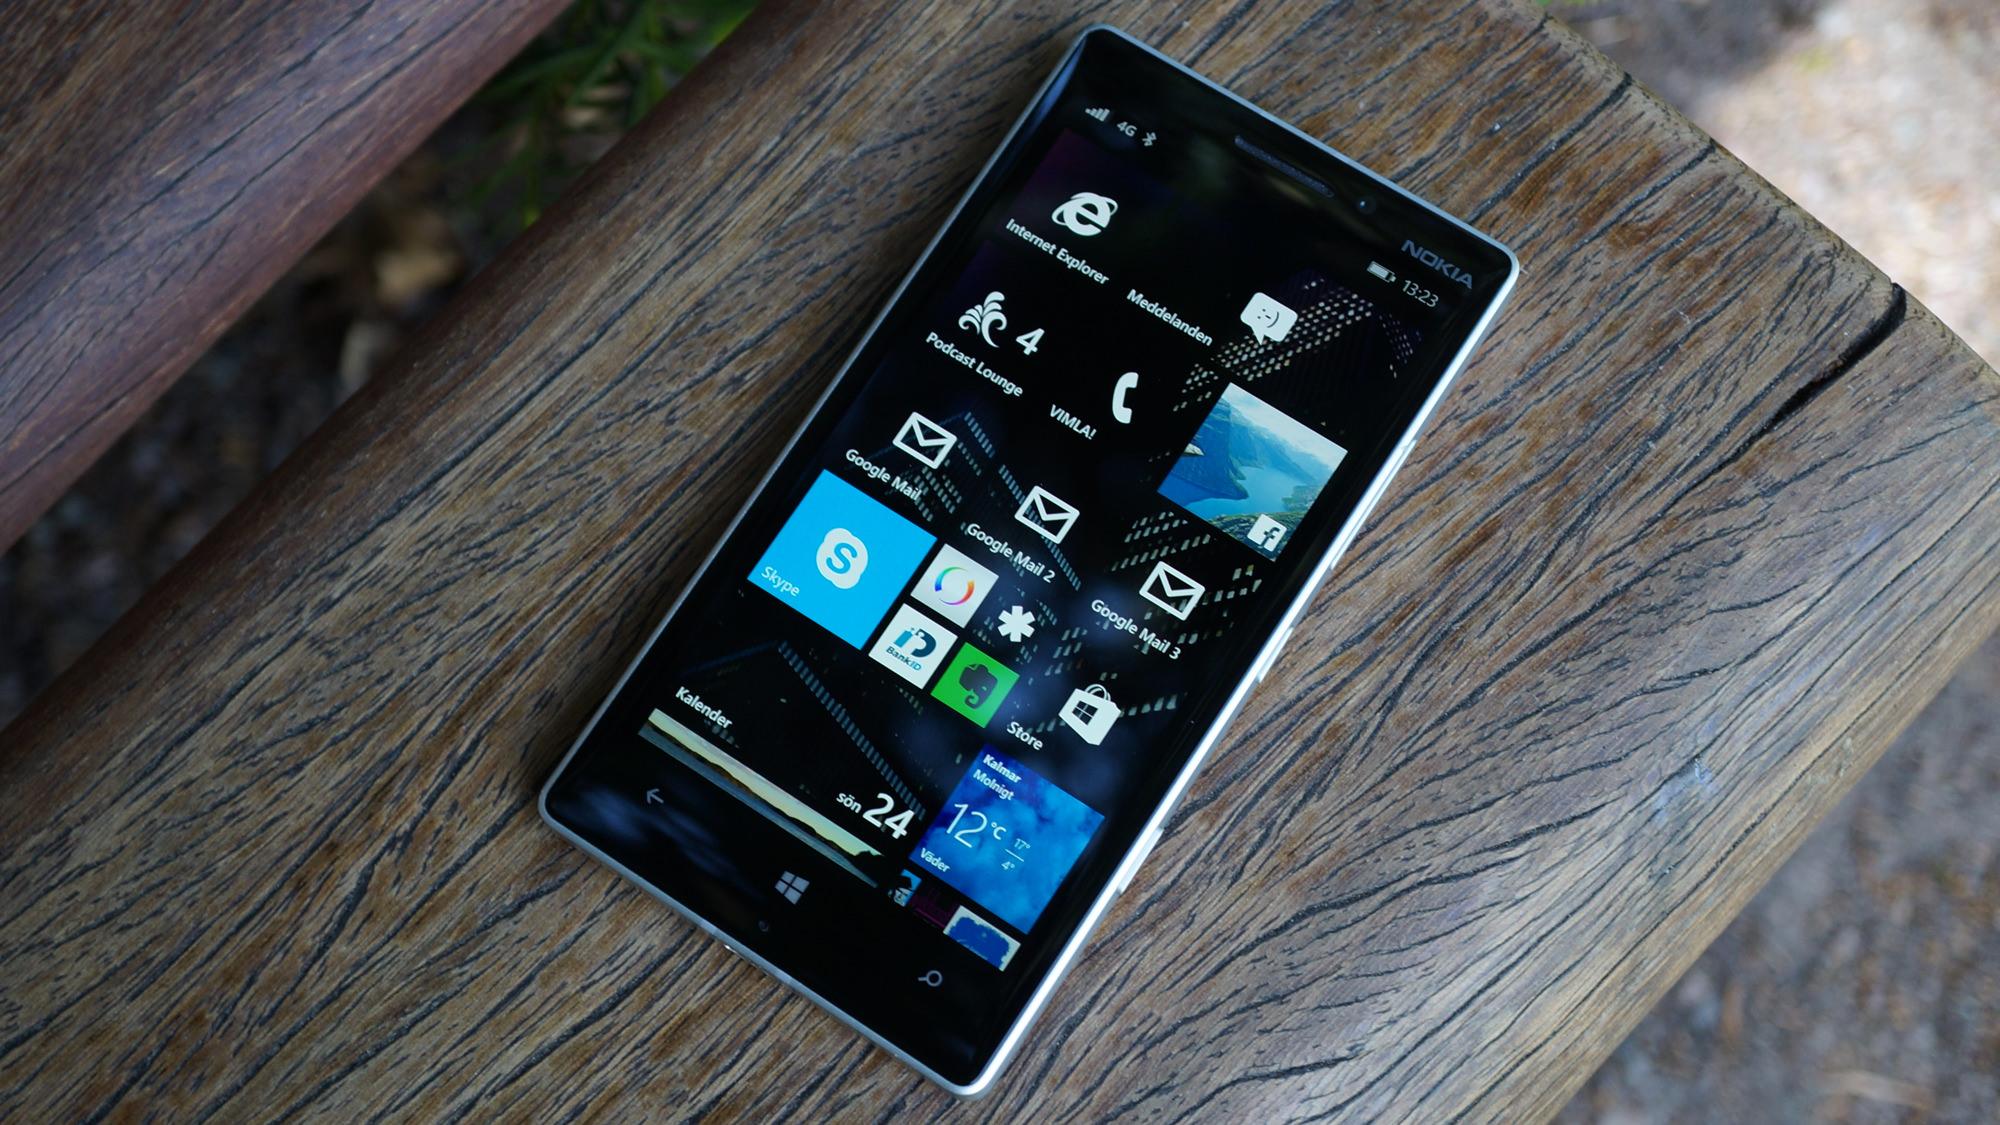 Nokia_Lumia_930_Recension_skarm